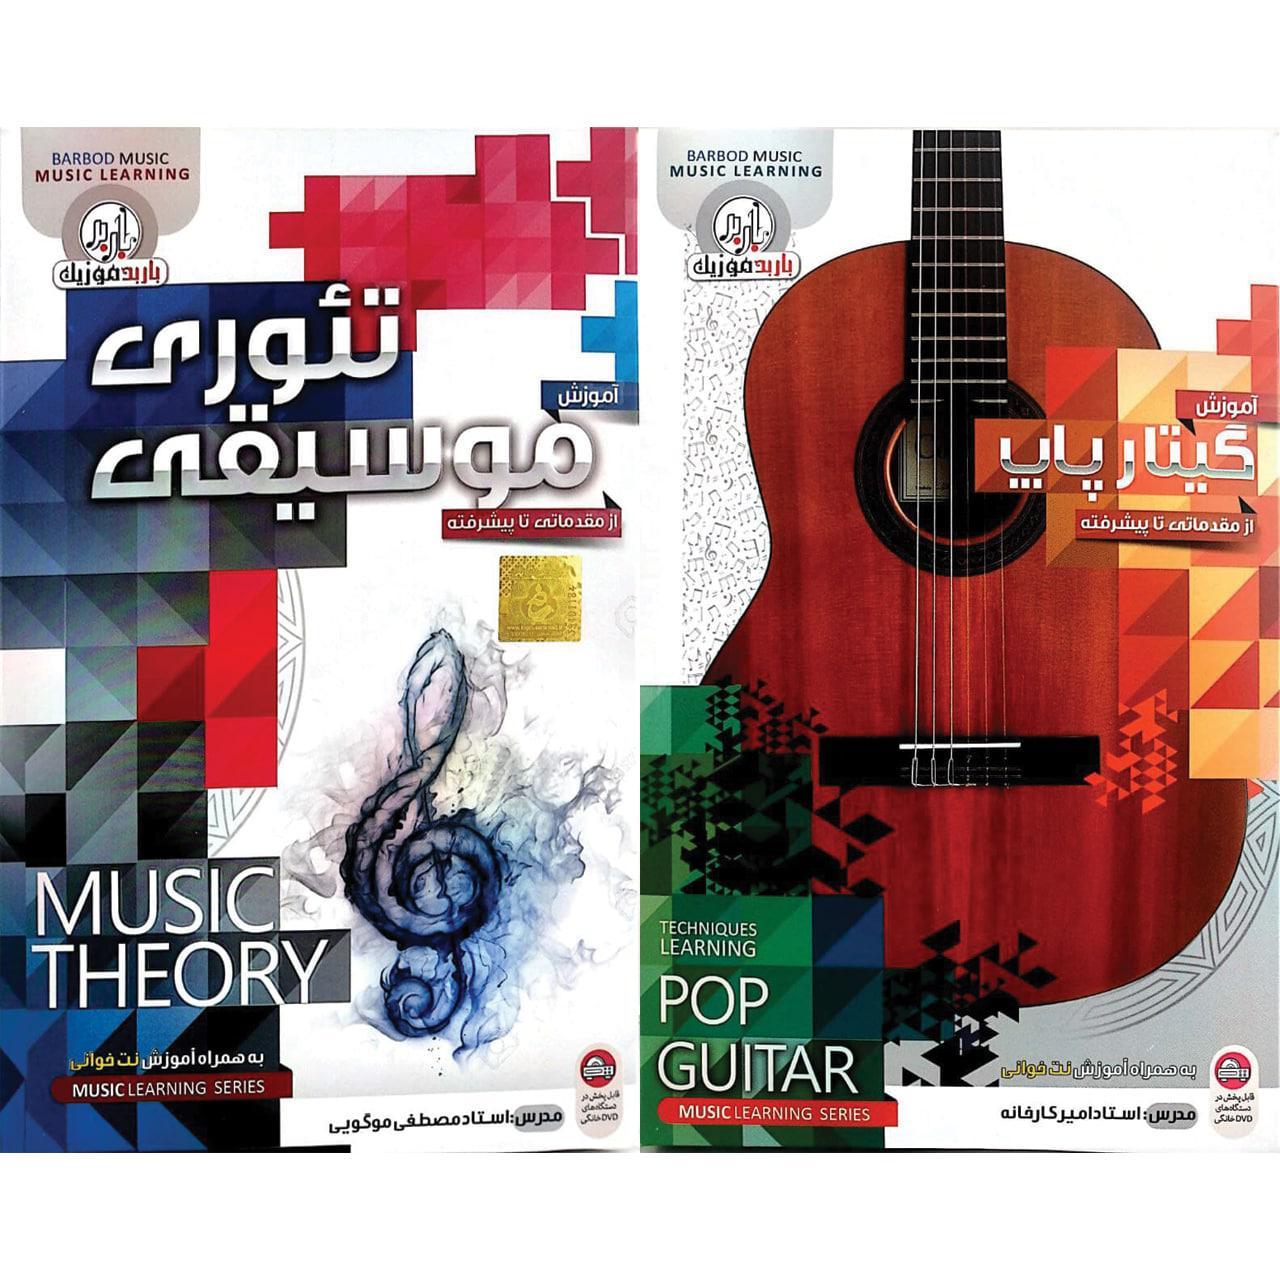 نرم افزار آموزش تئوری موسیقی نشر باربد به همراه نرم افزار آموزش گیتار پاپ نشر باربد